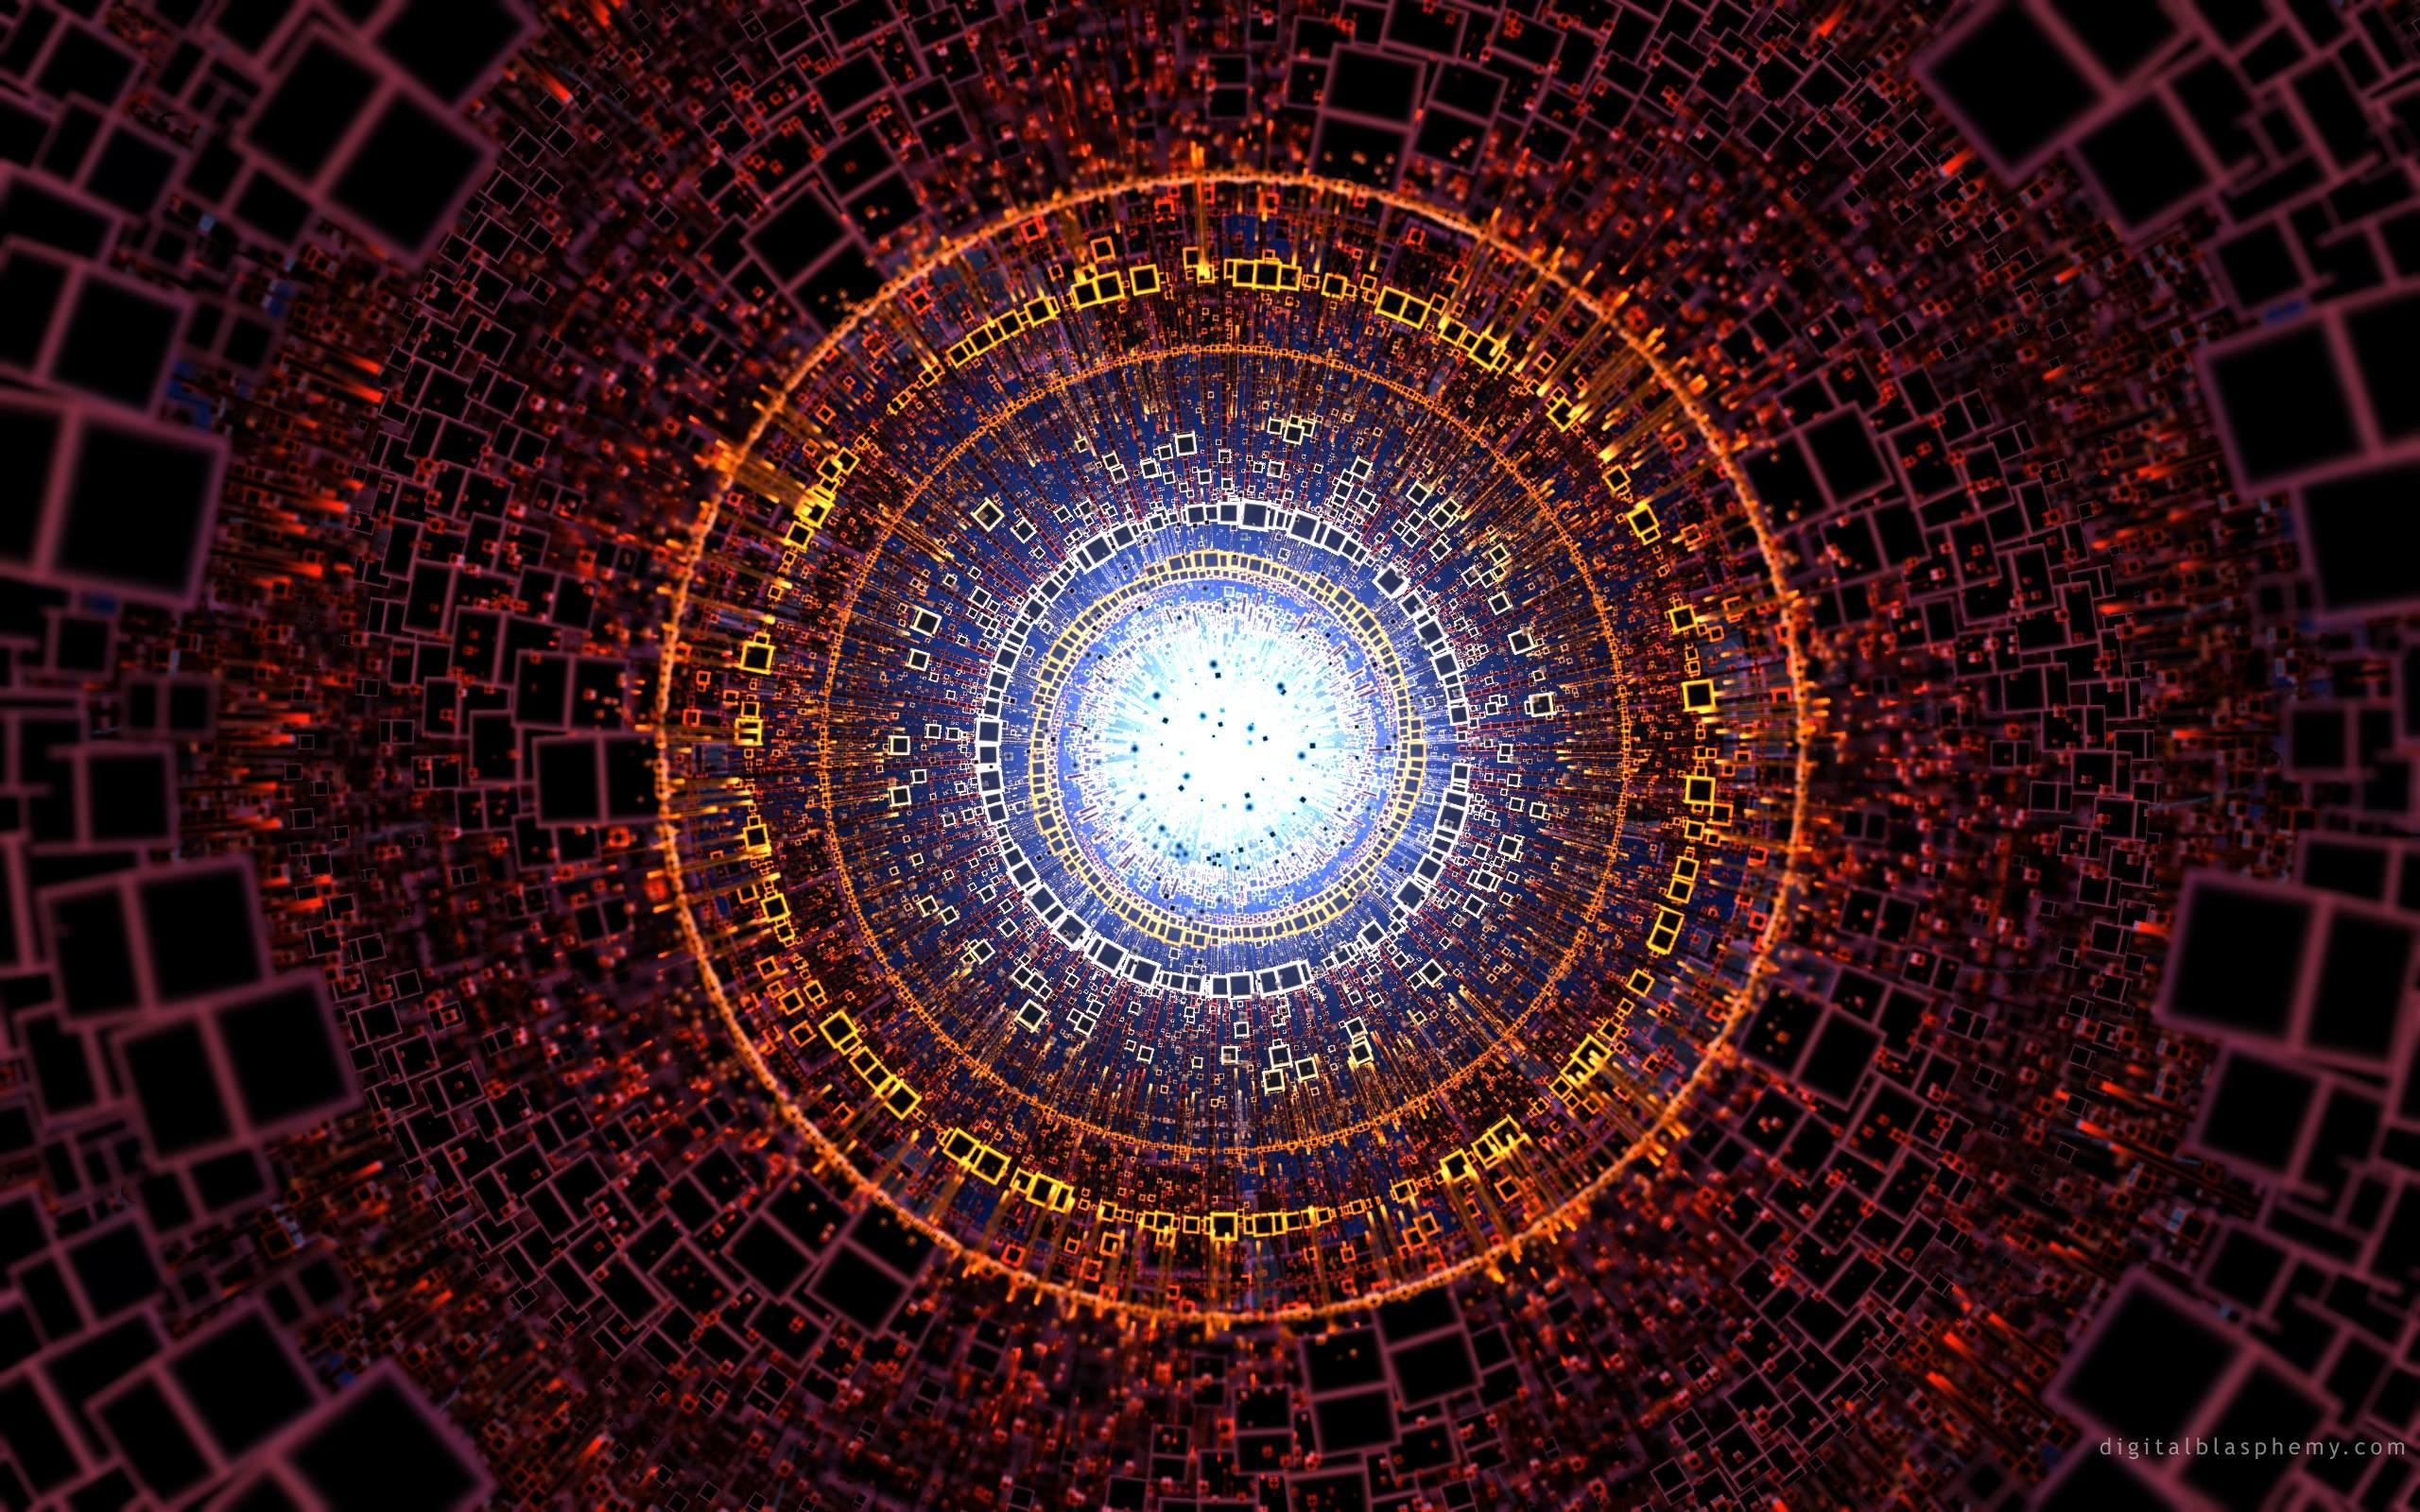 Digital Blasphemy 3d Wallpaper Free Spiritual Wallpaper And Screensavers 51 Images